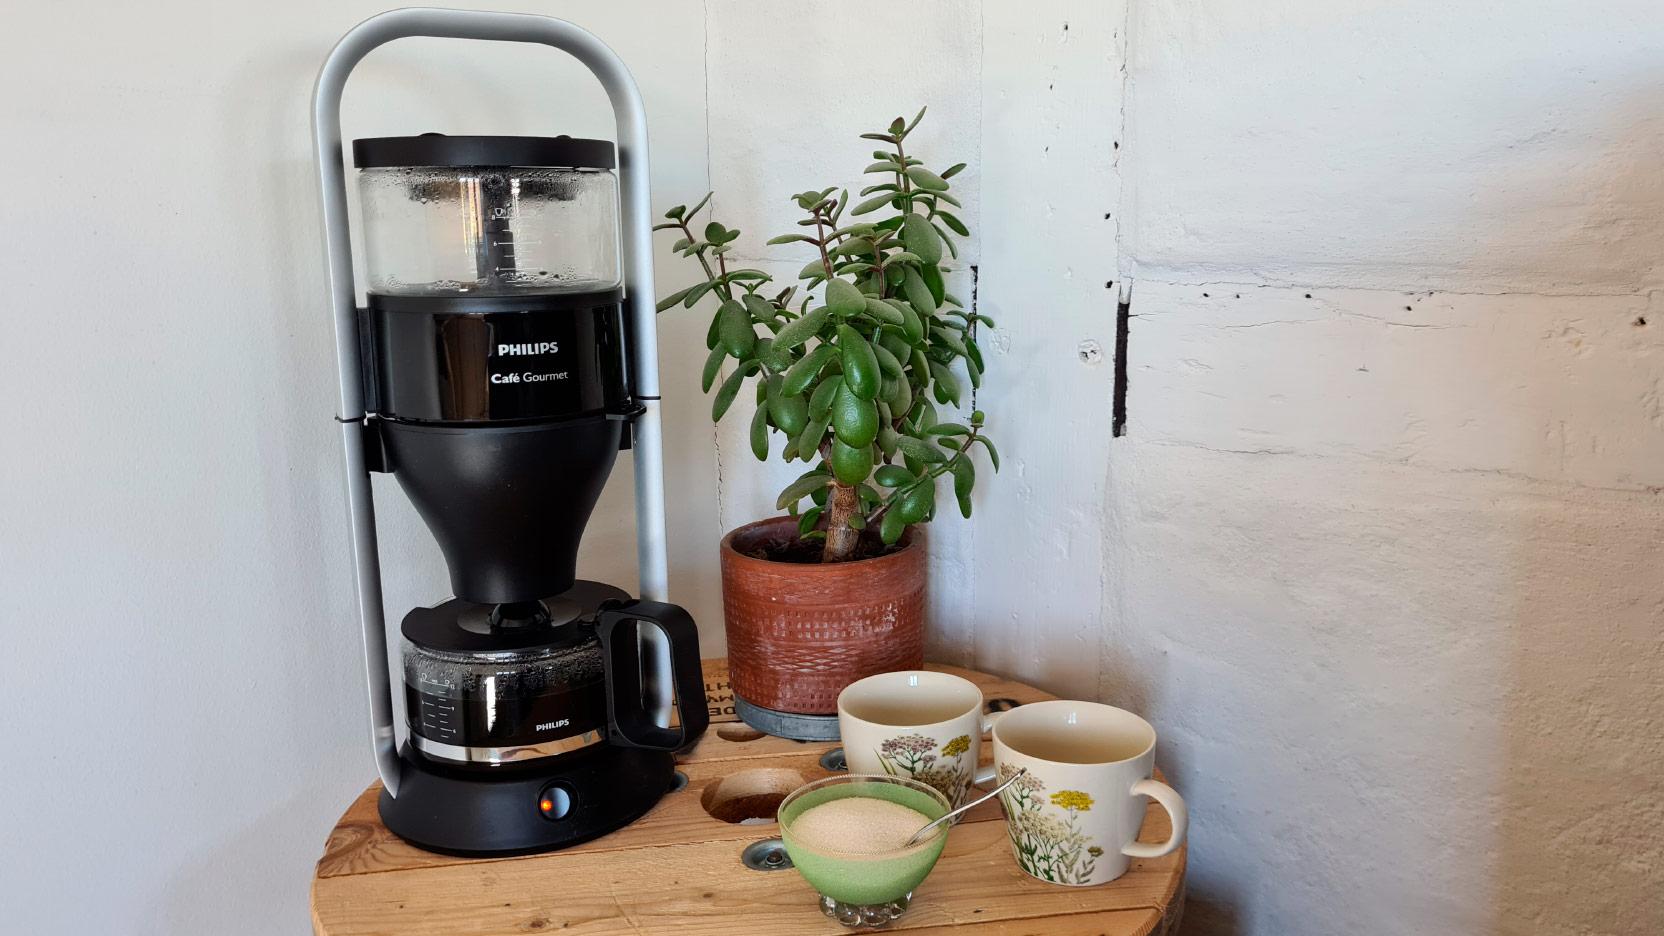 Bild av den höga filterbryggaren Philips Café Gourmet HD5408